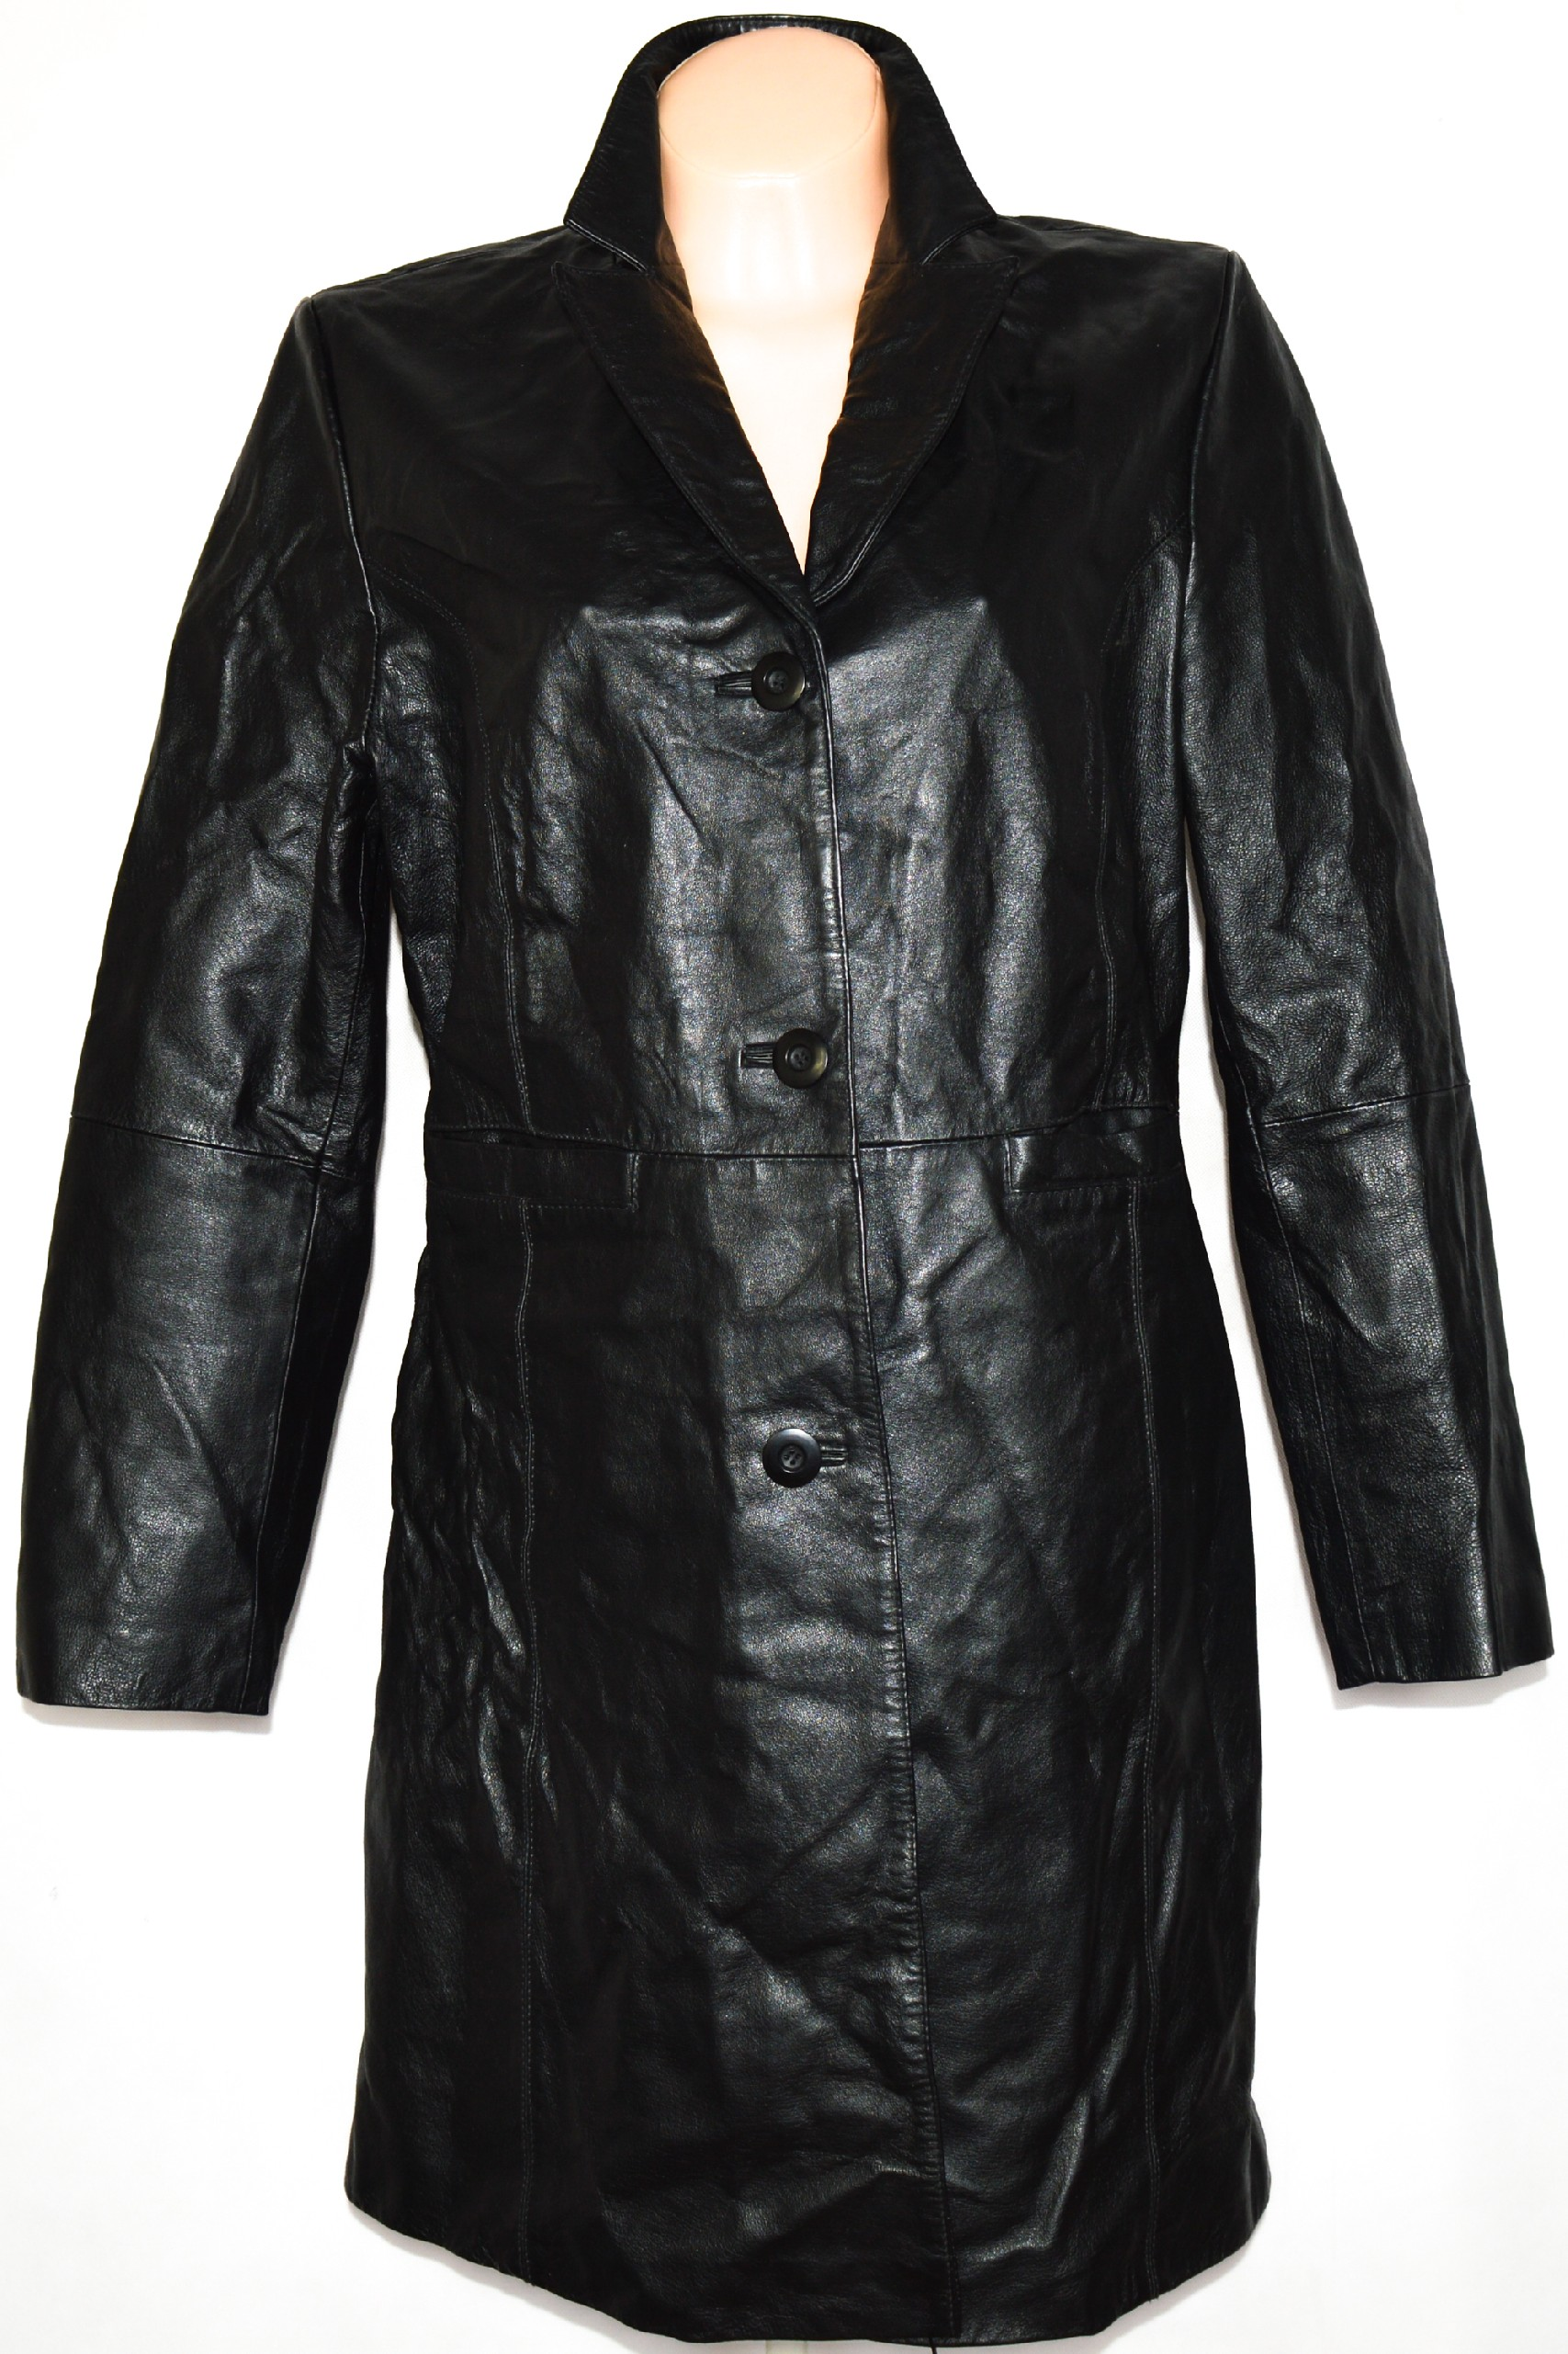 KOŽENÝ dámský černý kabát BARISAL XL